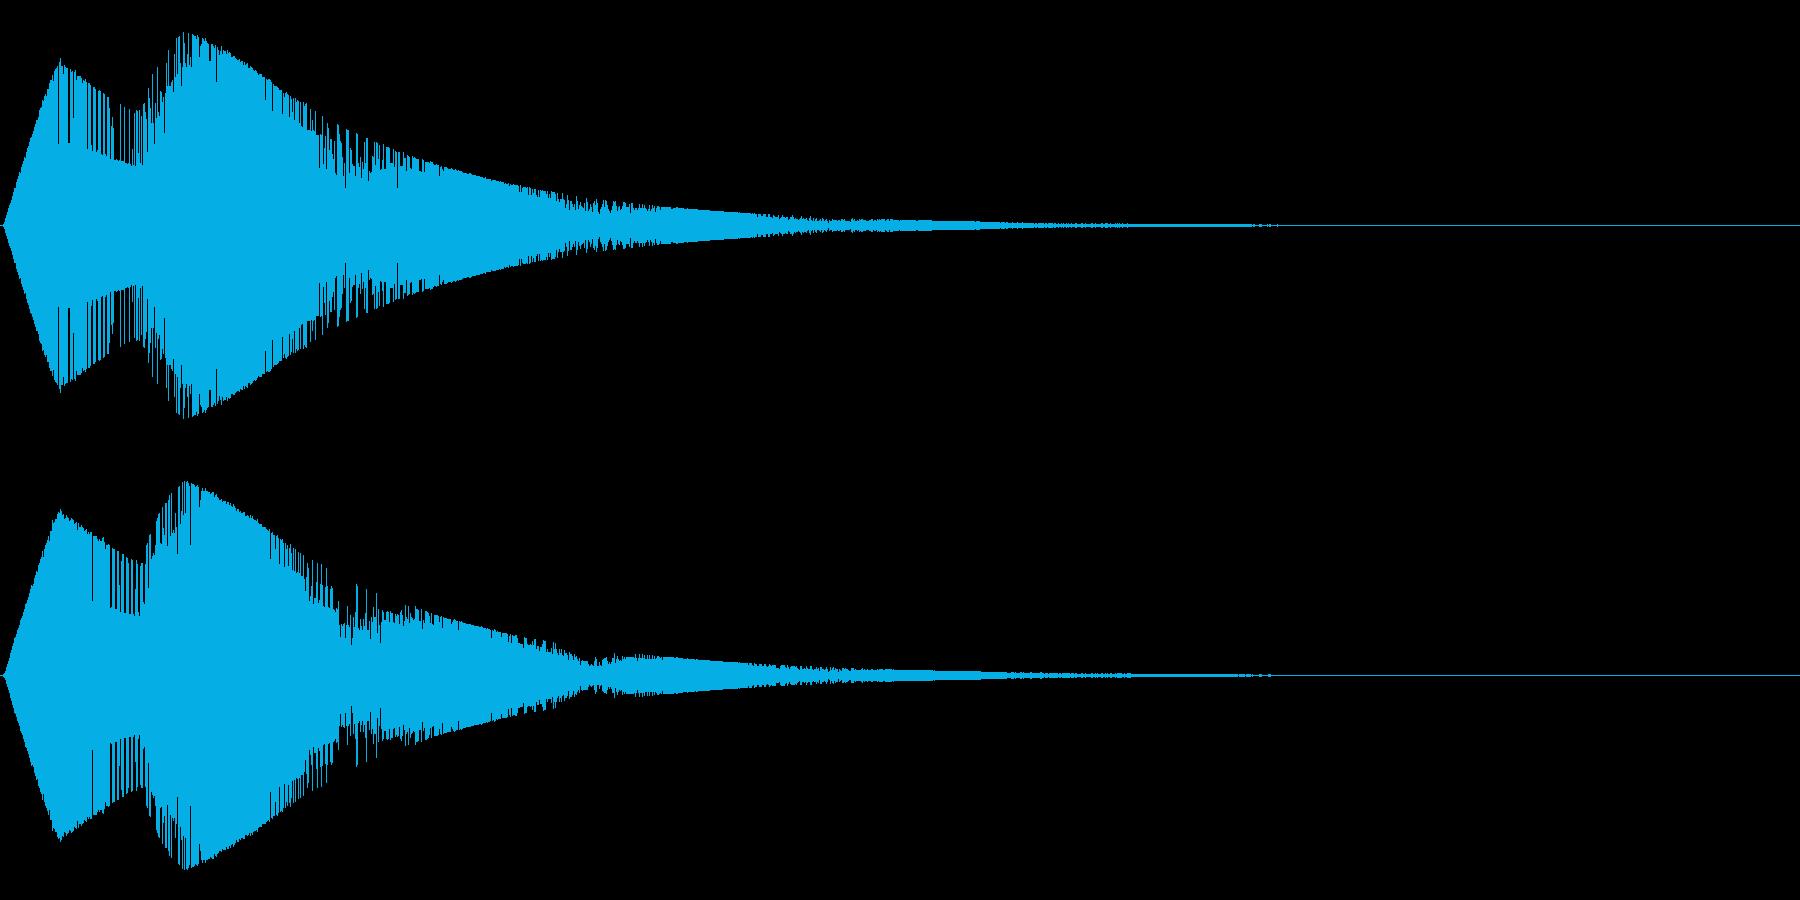 チャチャ~ン(シンセ)の再生済みの波形